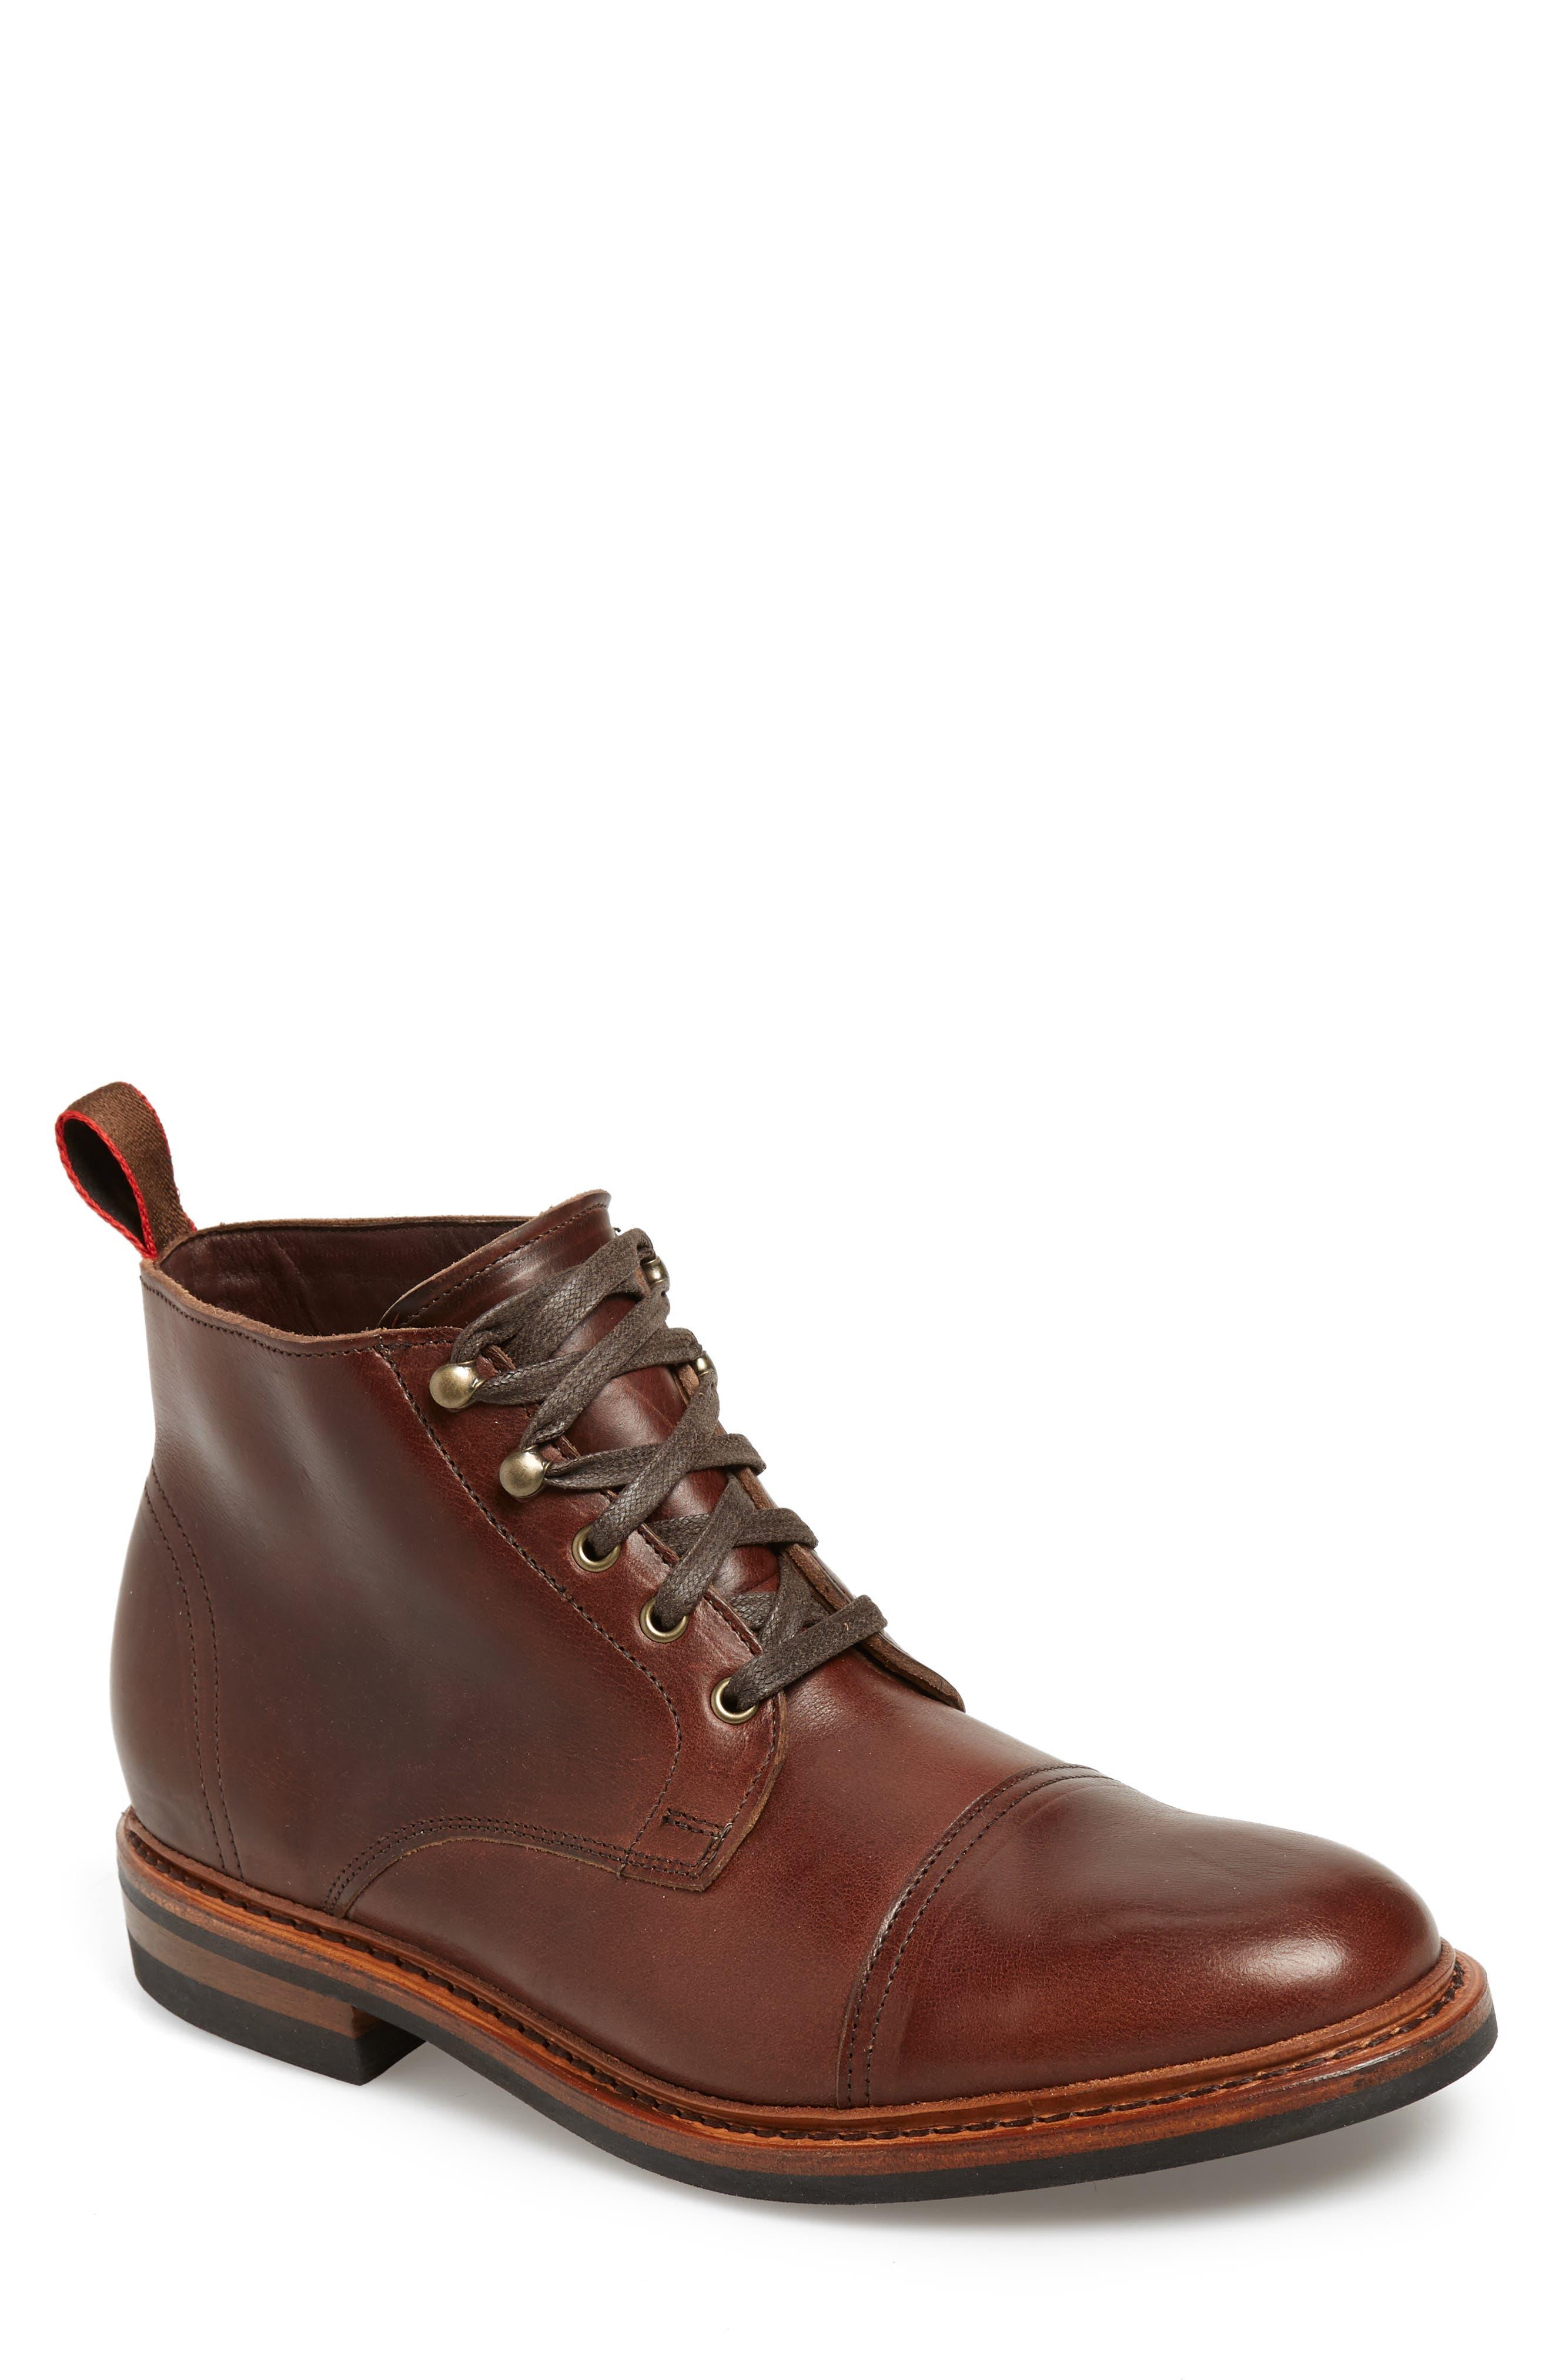 Allen Edmonds Hearst Cap Toe Boot, Brown